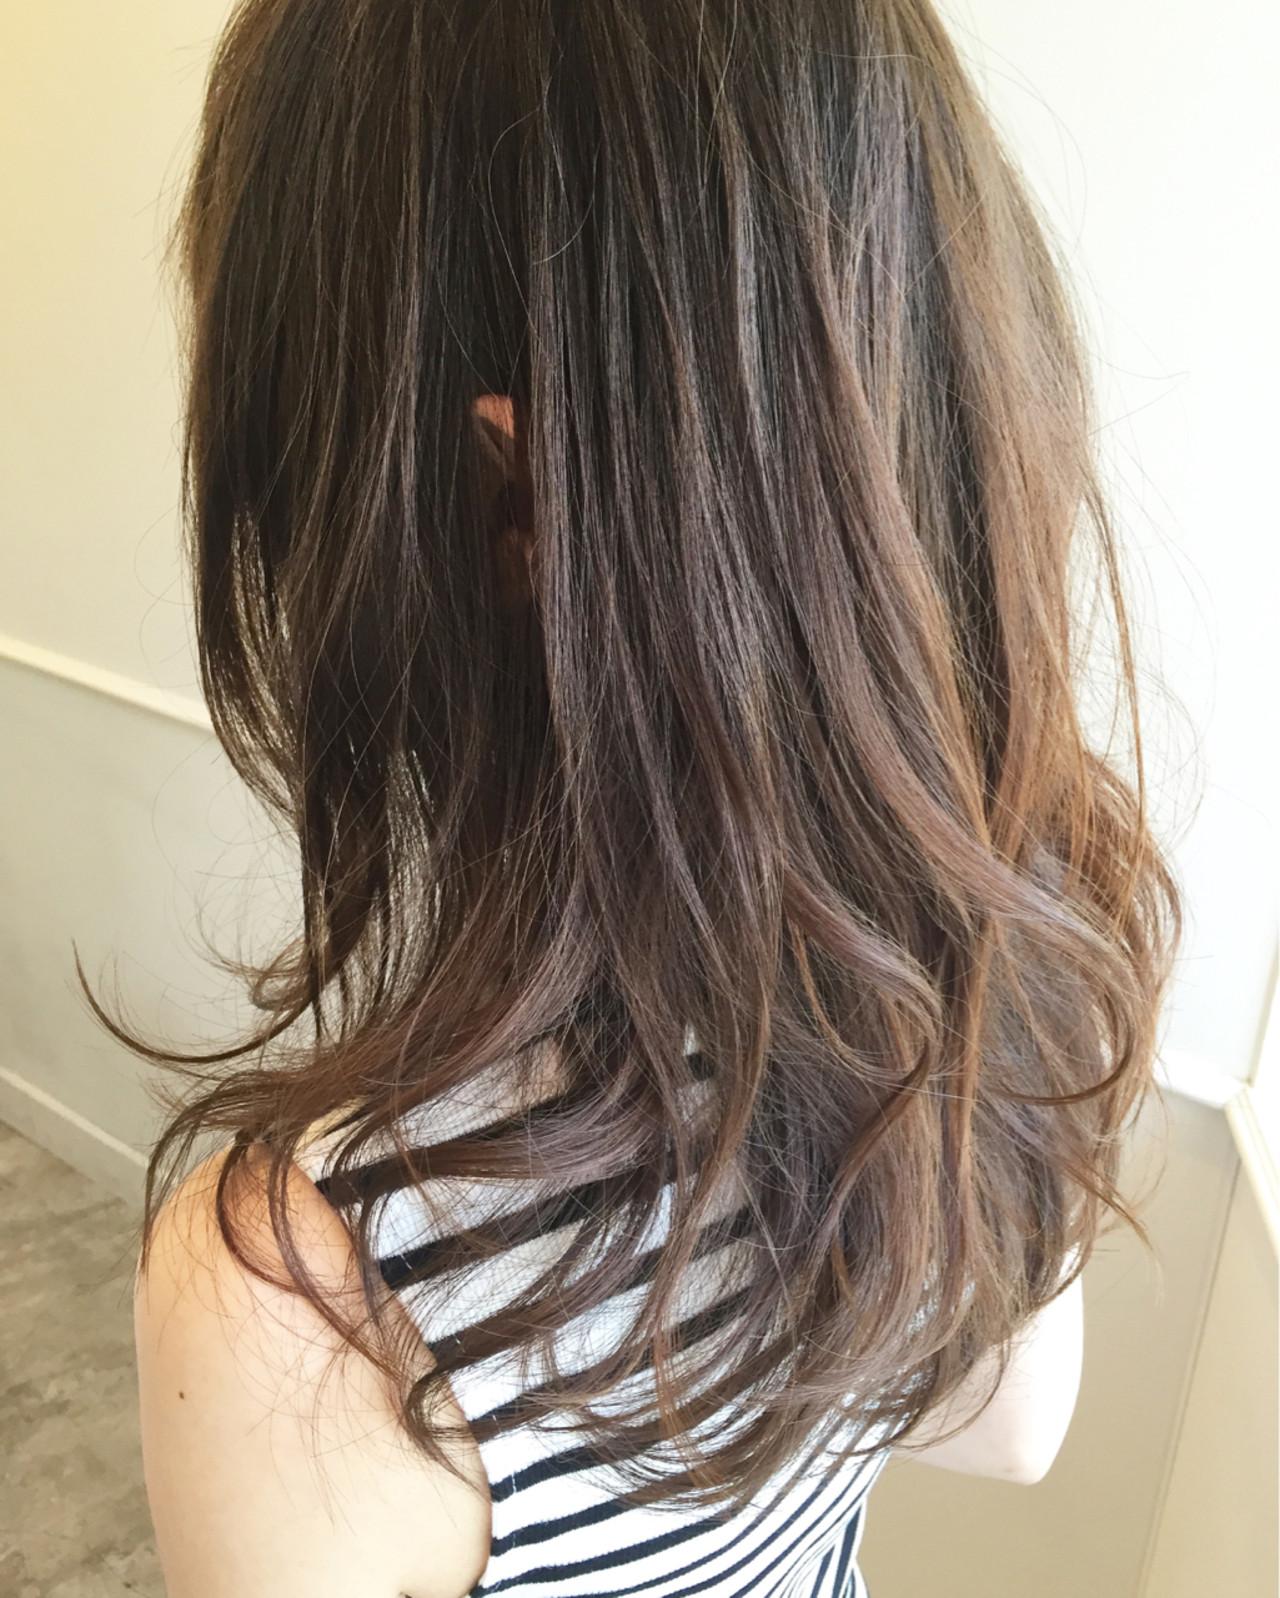 フェミニン グラデーションカラー ストリート ハイライト ヘアスタイルや髪型の写真・画像